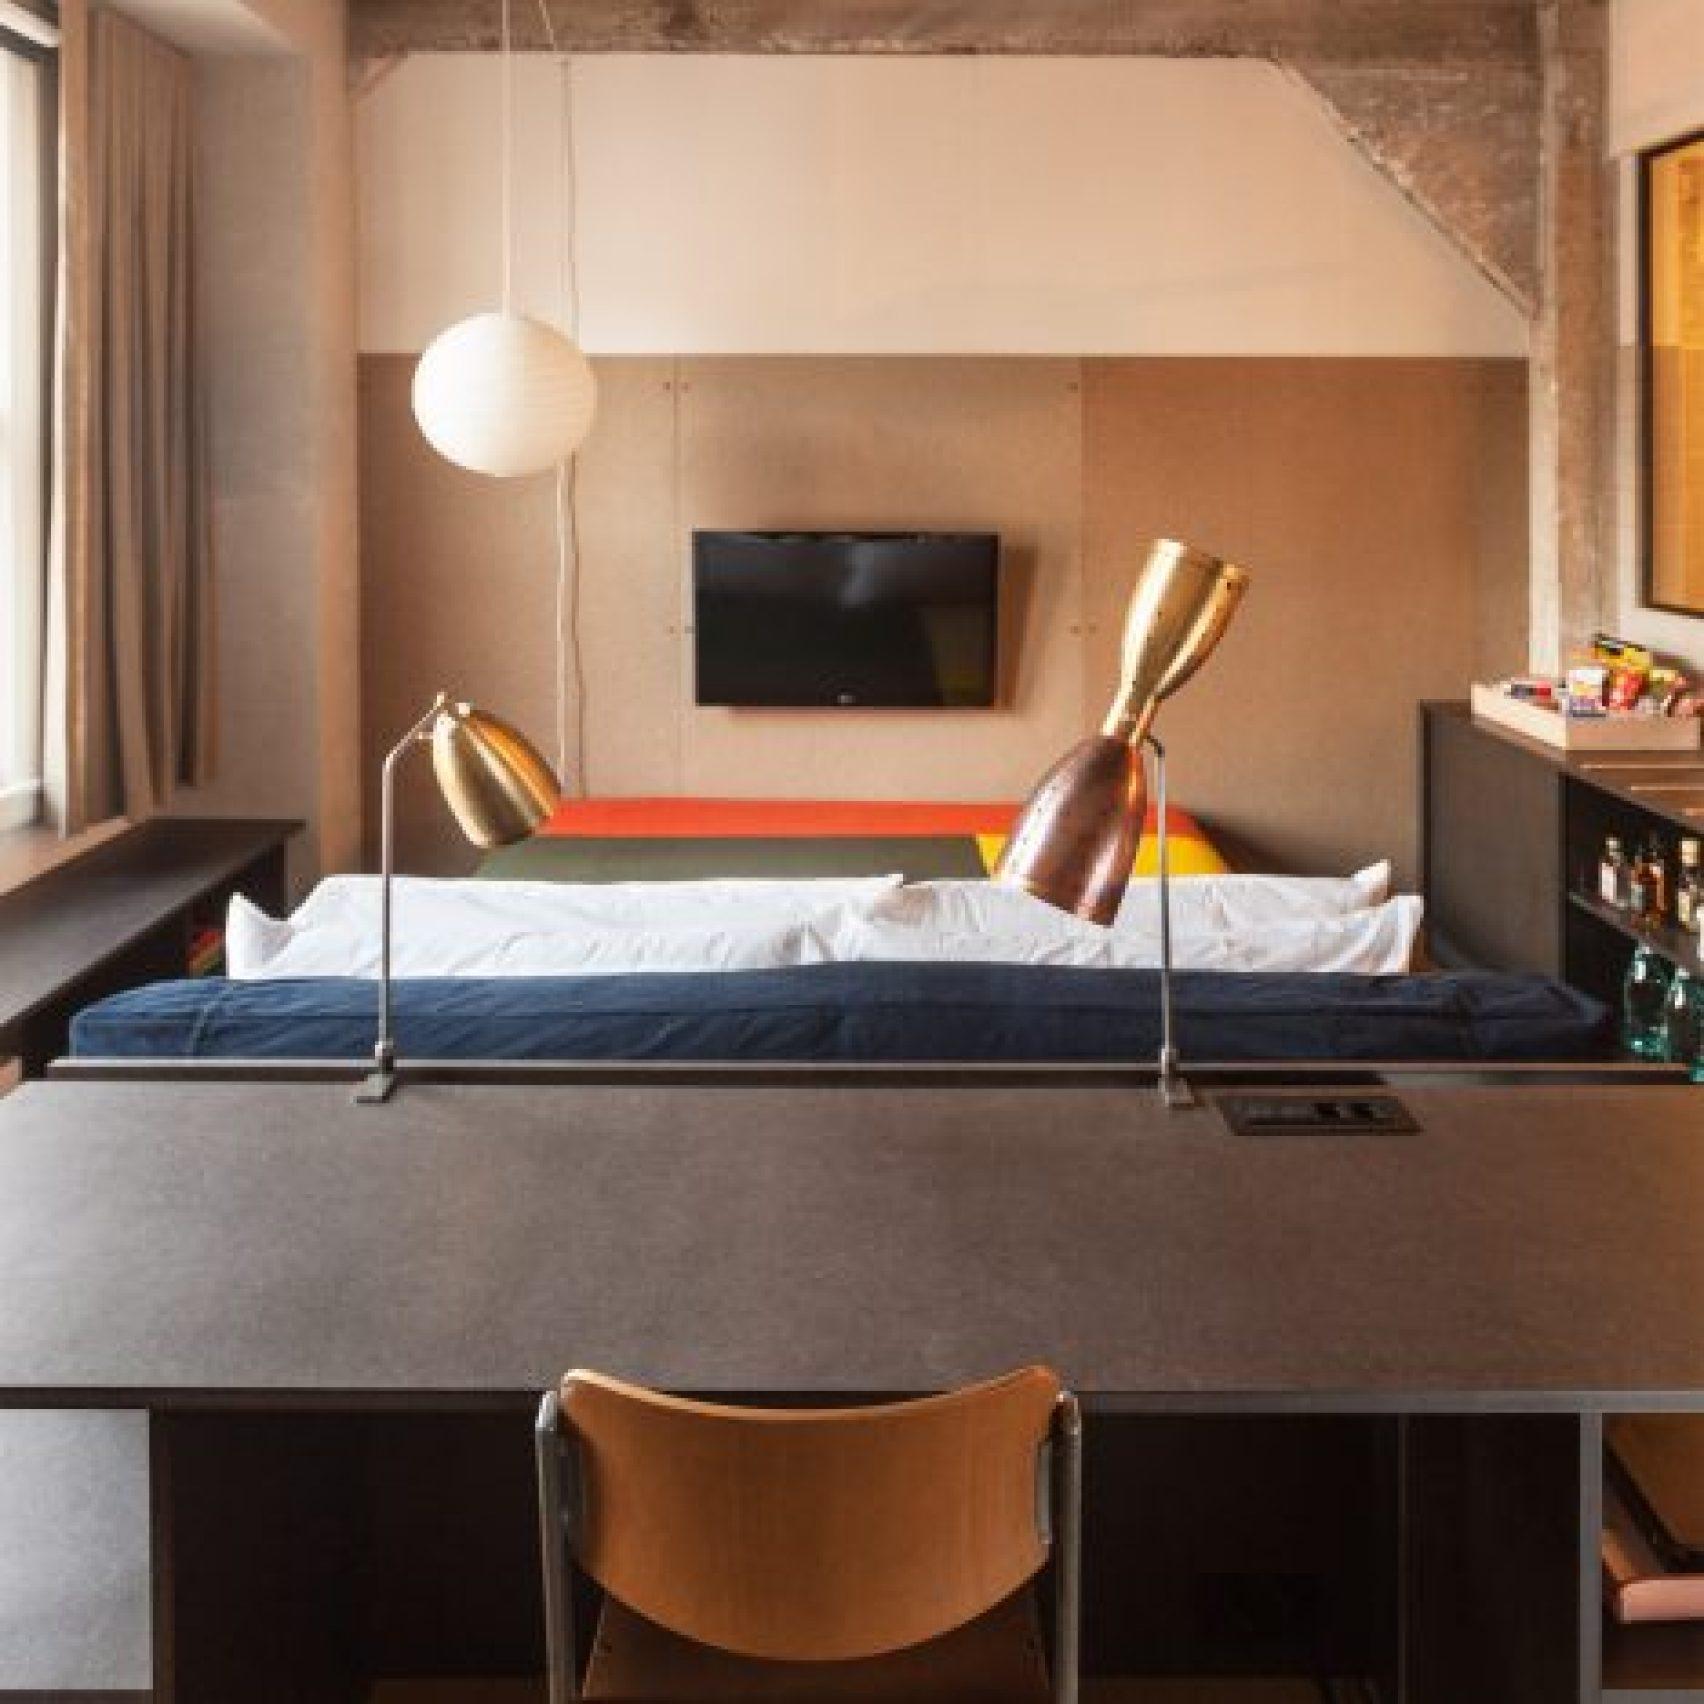 hotel-room-interiors-dezeen-pinterest-boards_dezeen_1704_col_14